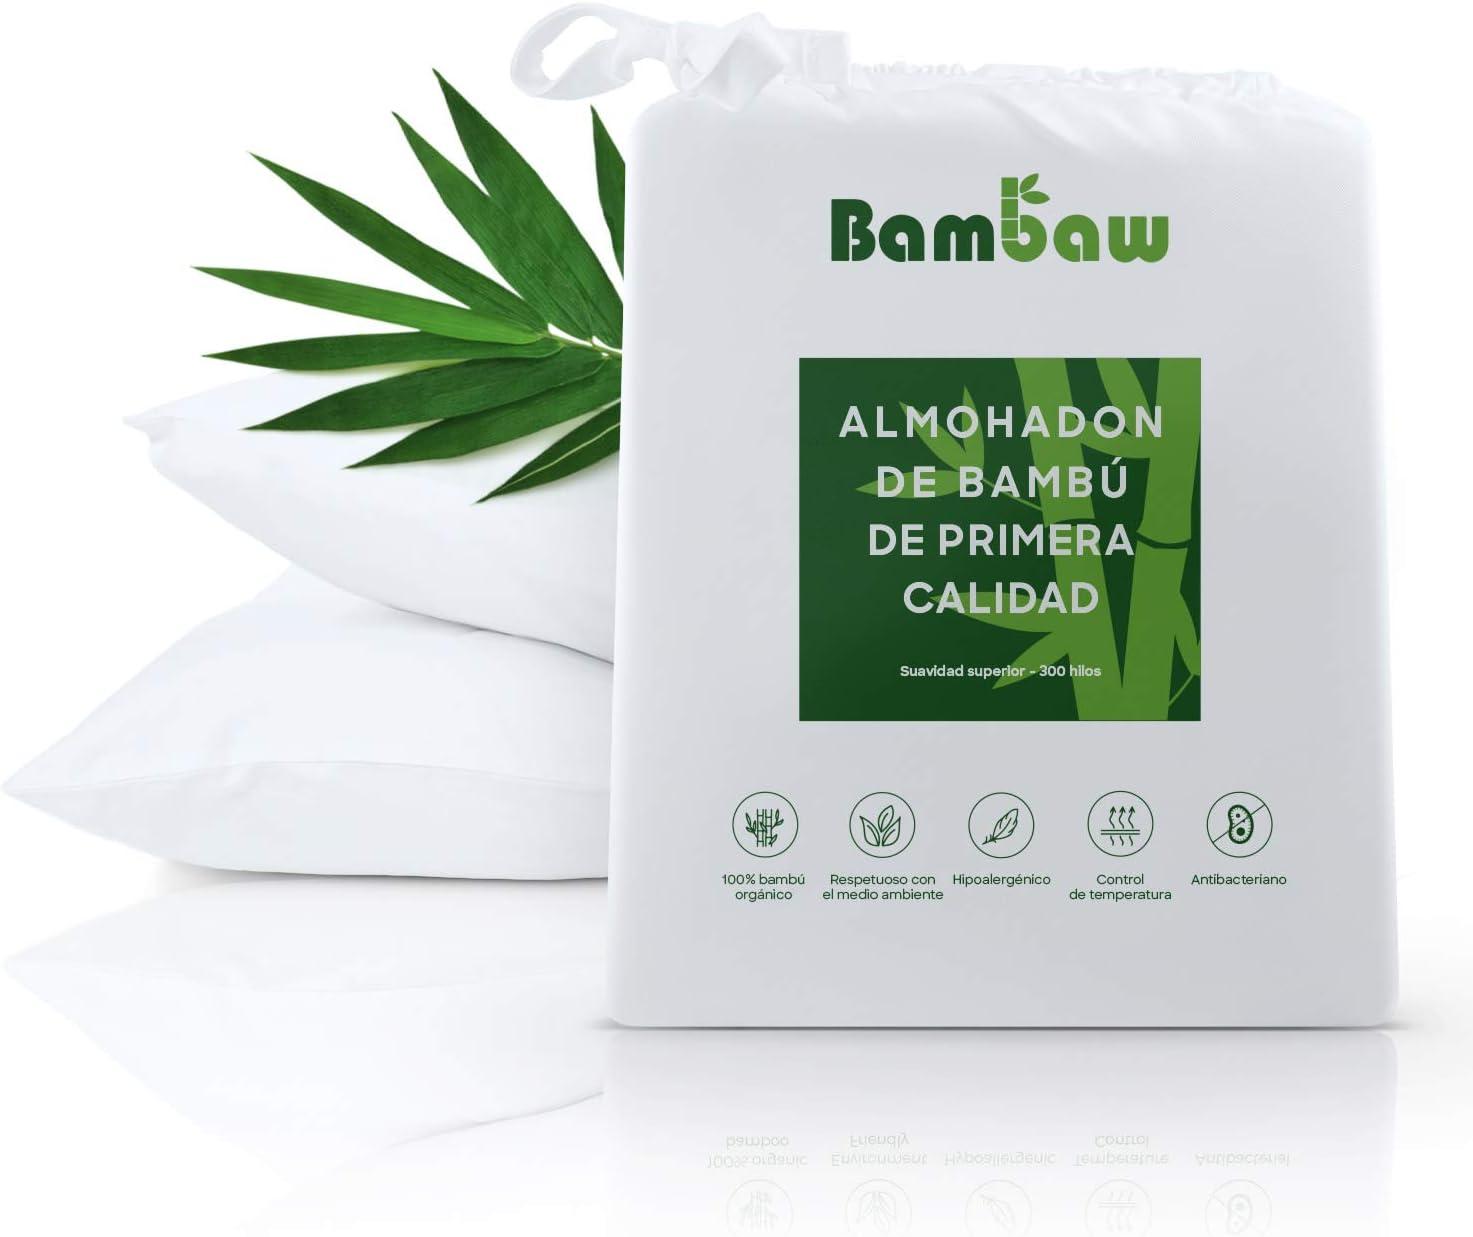 Bambaw Fundas de Almohada de Bambú   Tacto Suave y Fino   2 x Funda Almohada   Fundas Almohada Antiácaros   Tejido Transpirable   Pillow Case   Blanco - 50x75   Fundas de Cojín